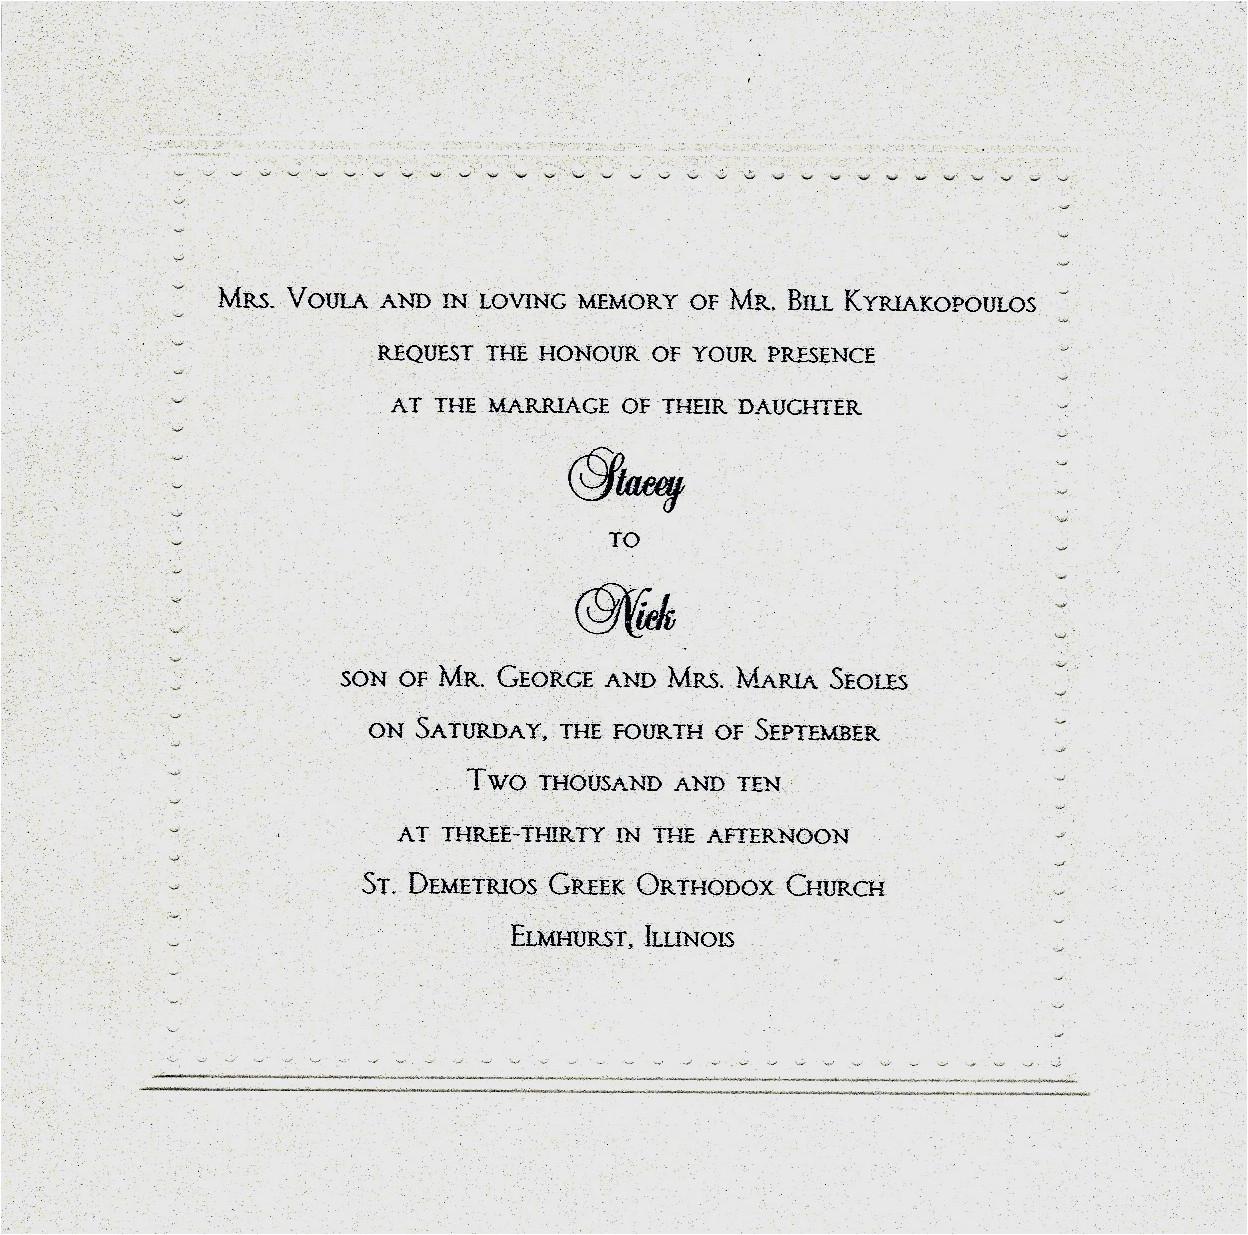 vastu shanti invitation card in marathi  williamsonga